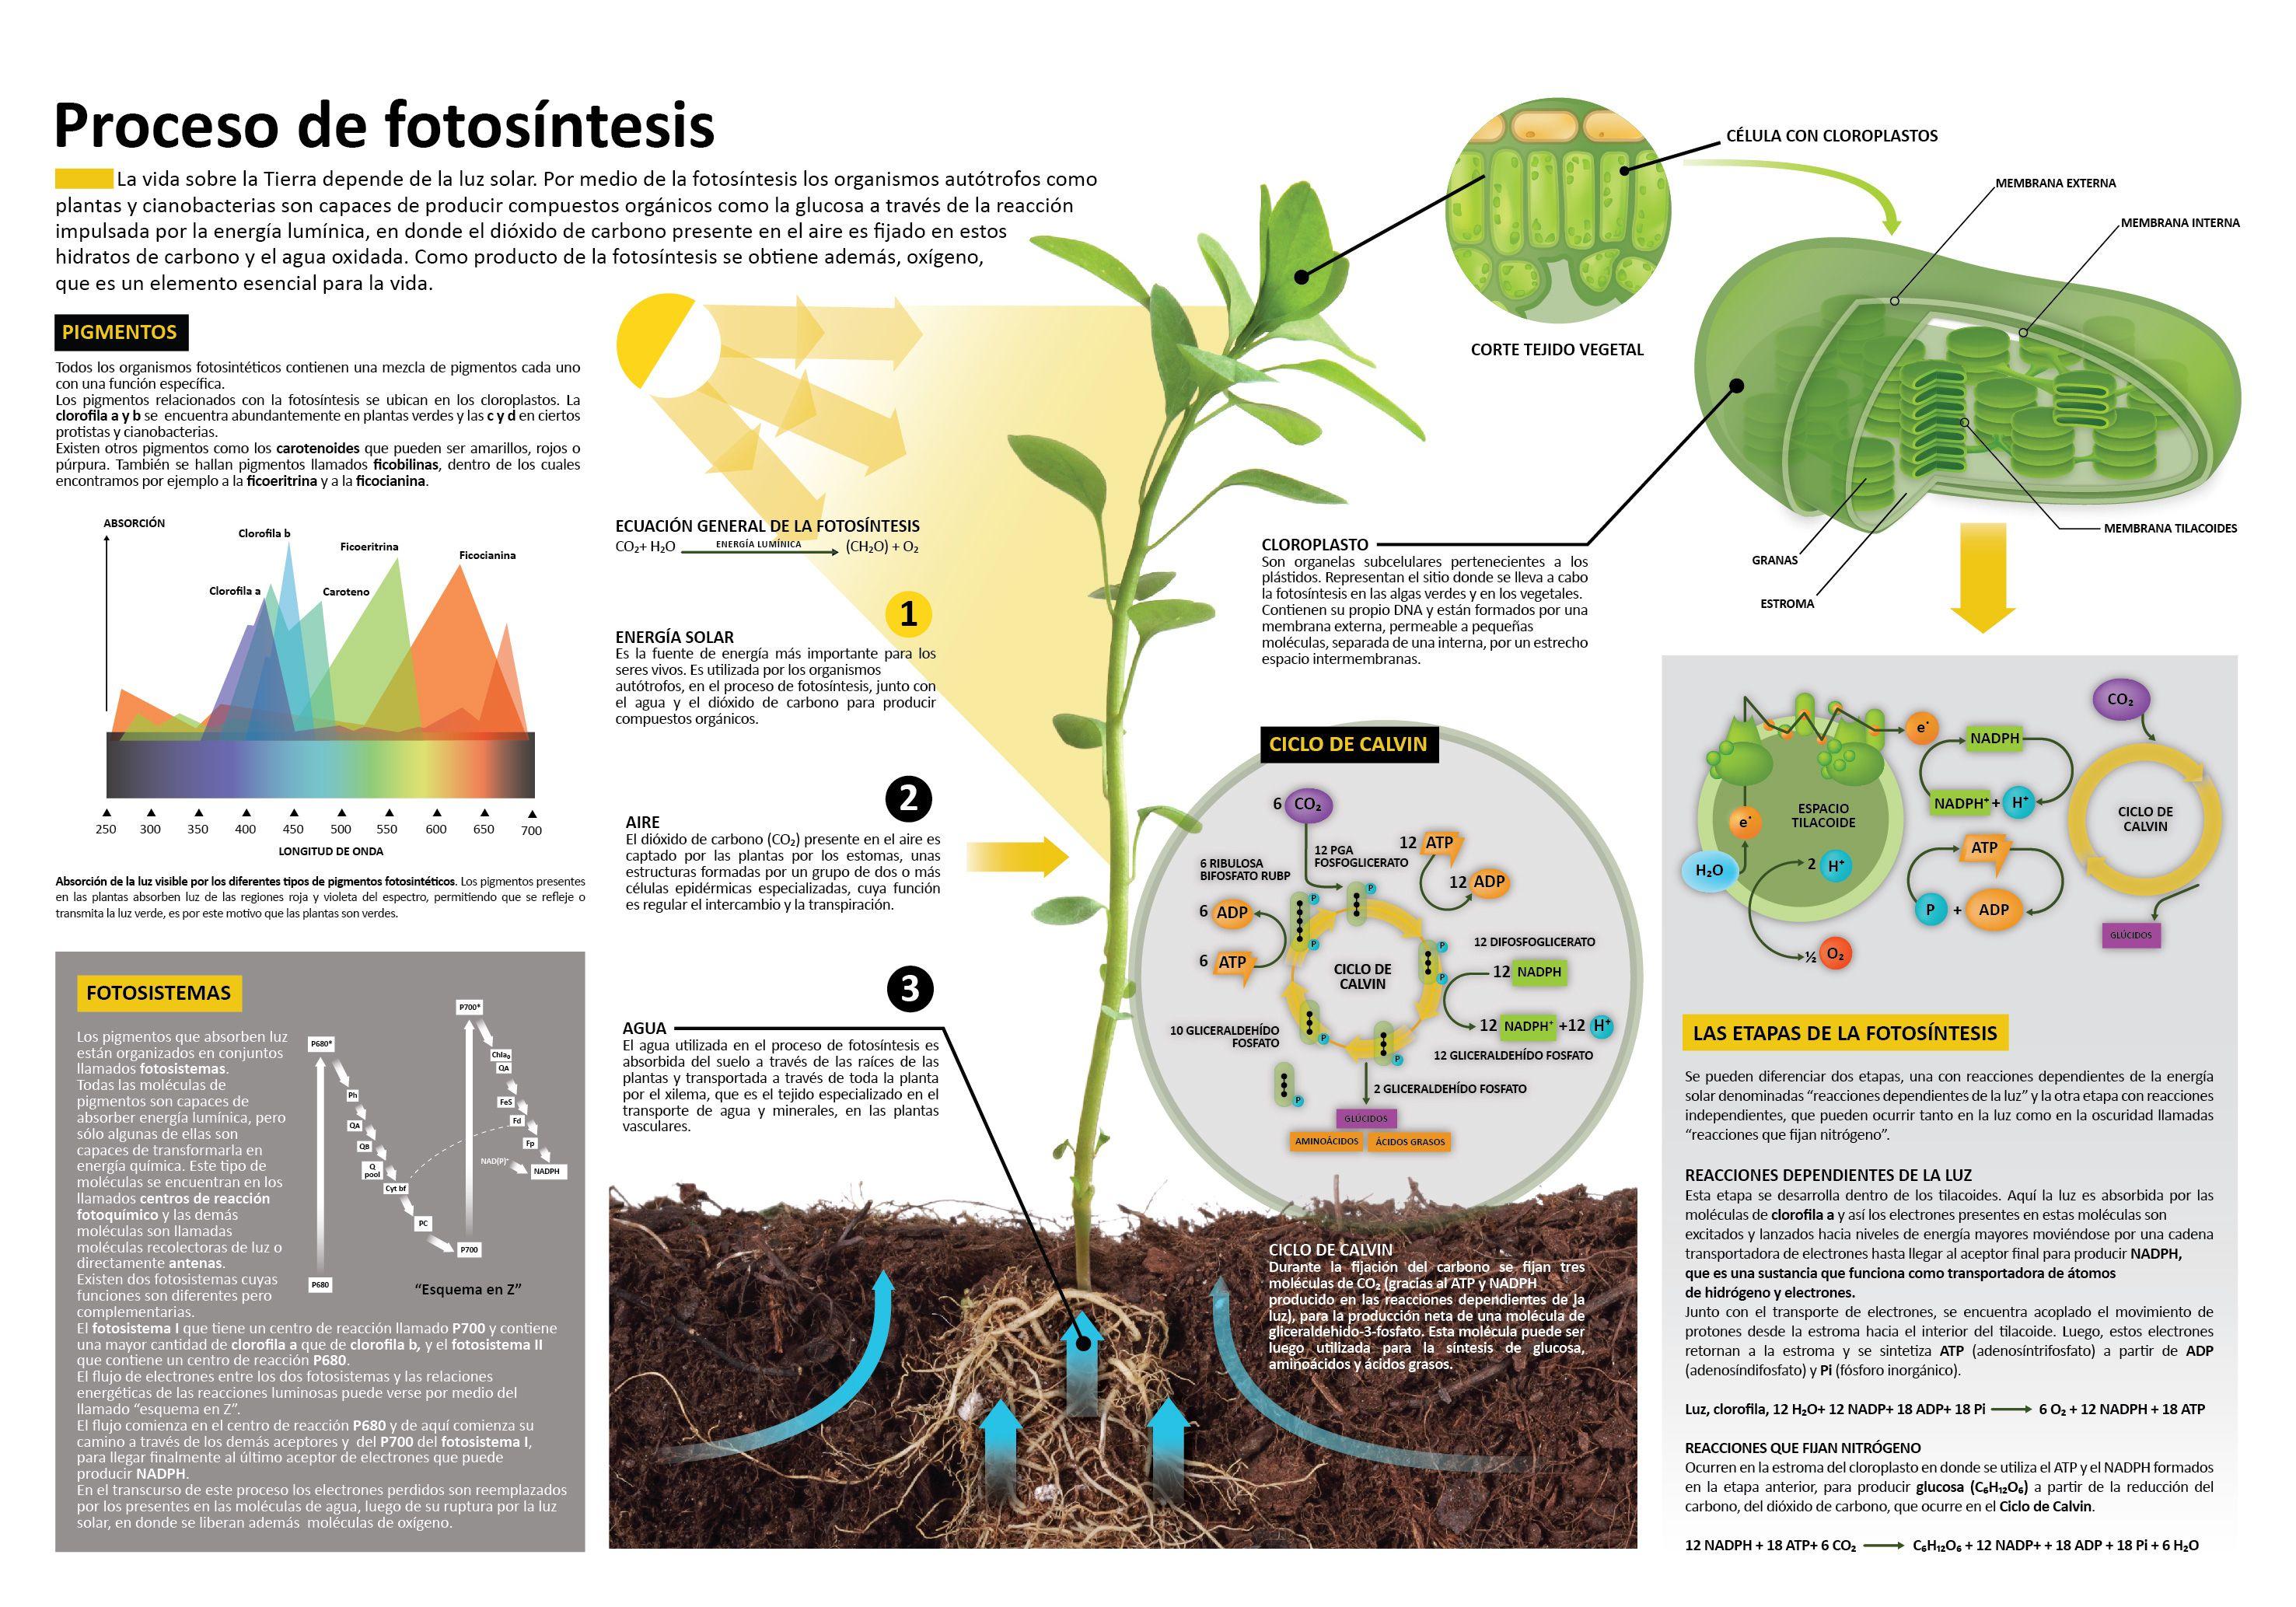 Fotosintesis y sus etapas 68